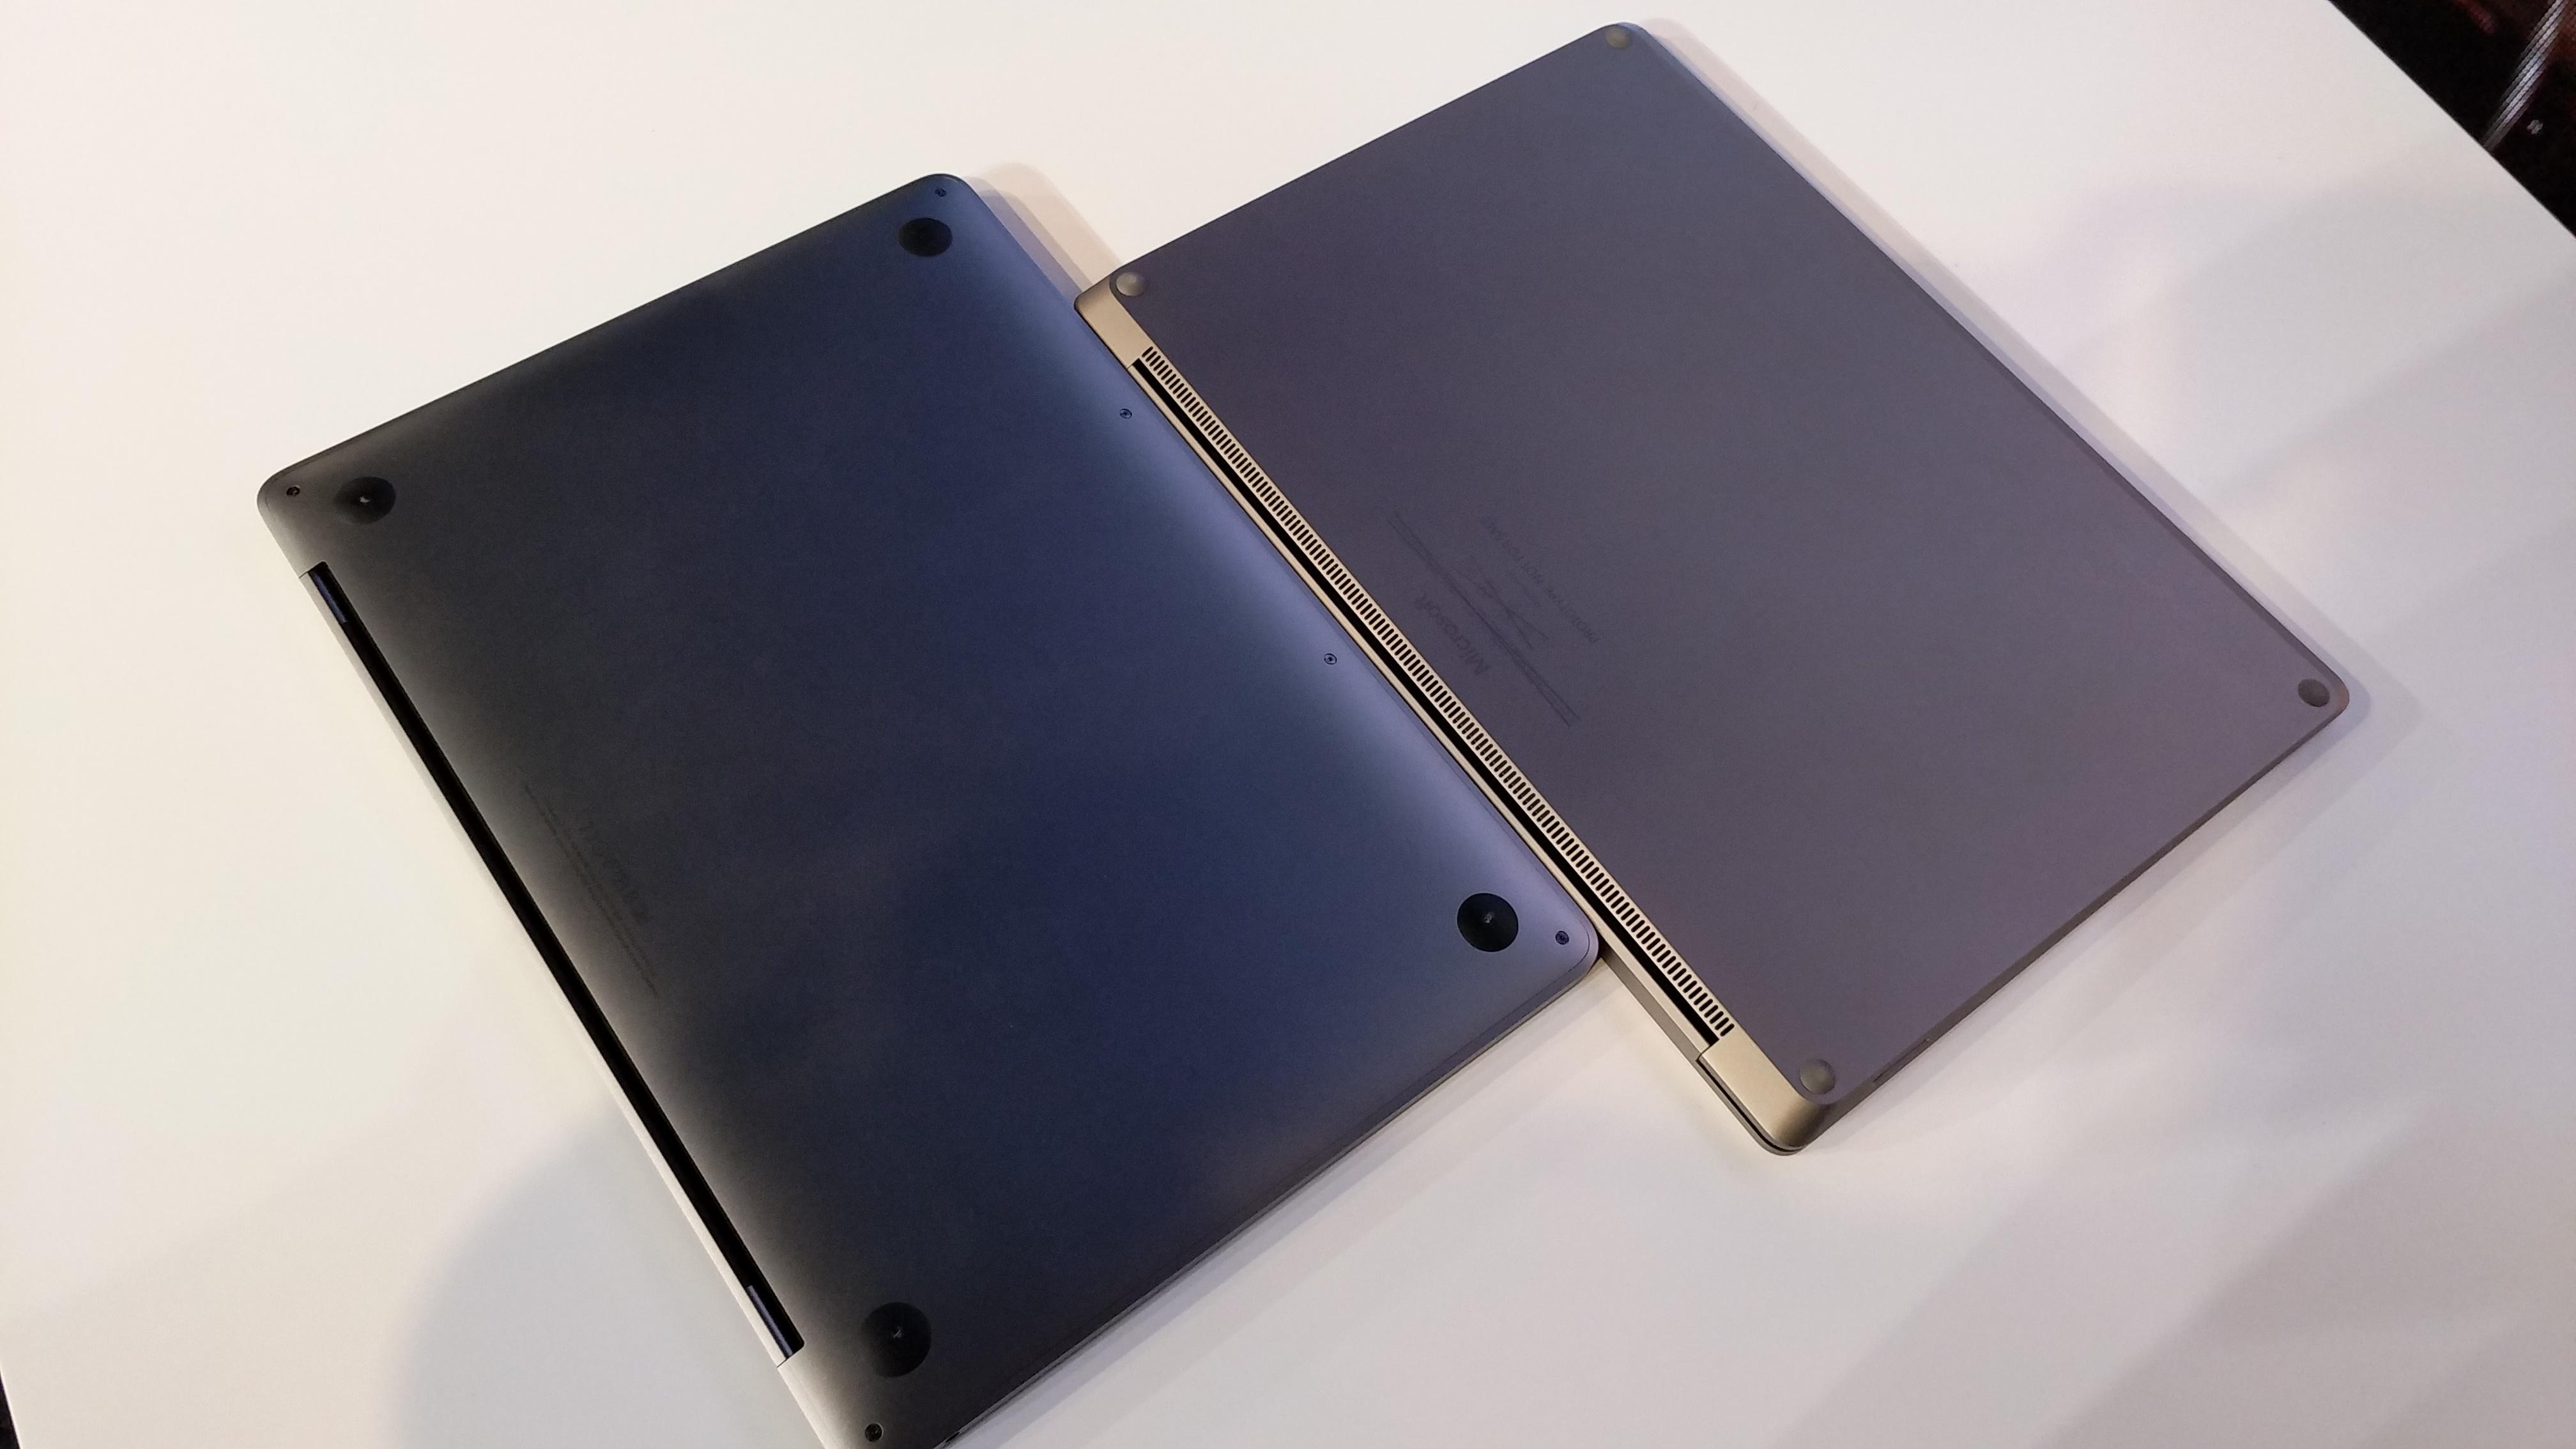 微软Laptop对比苹果新款MacBook,你会选择谁?的照片 - 14